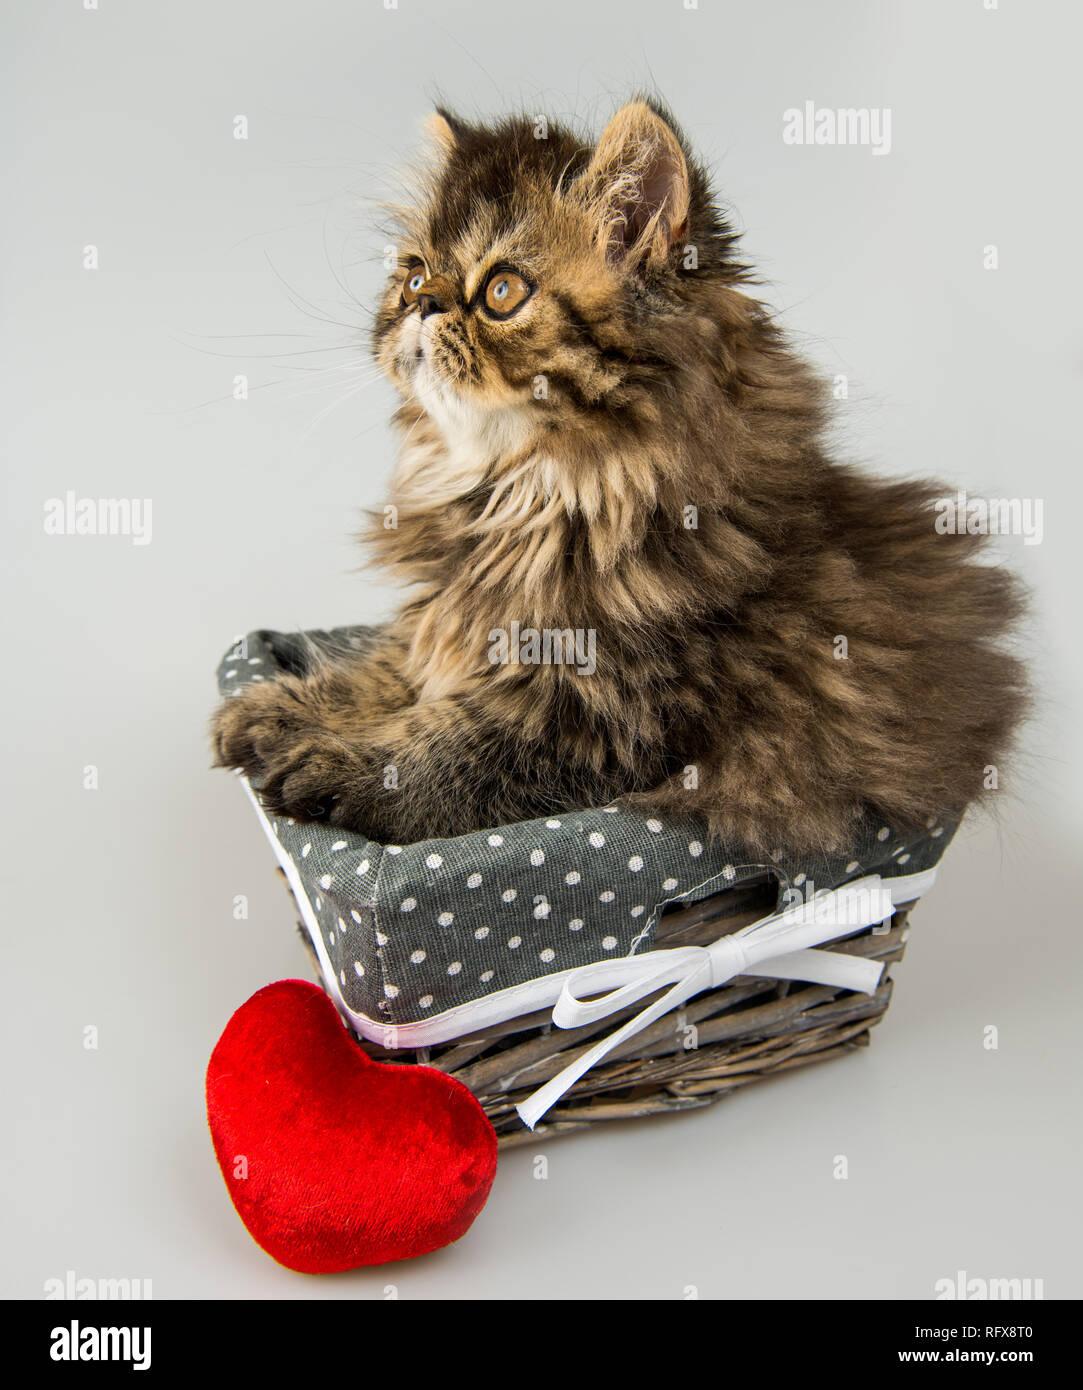 Bellissimo Gattino Persiano Gatto Con Cuore Rosso Nel Cestello Foto